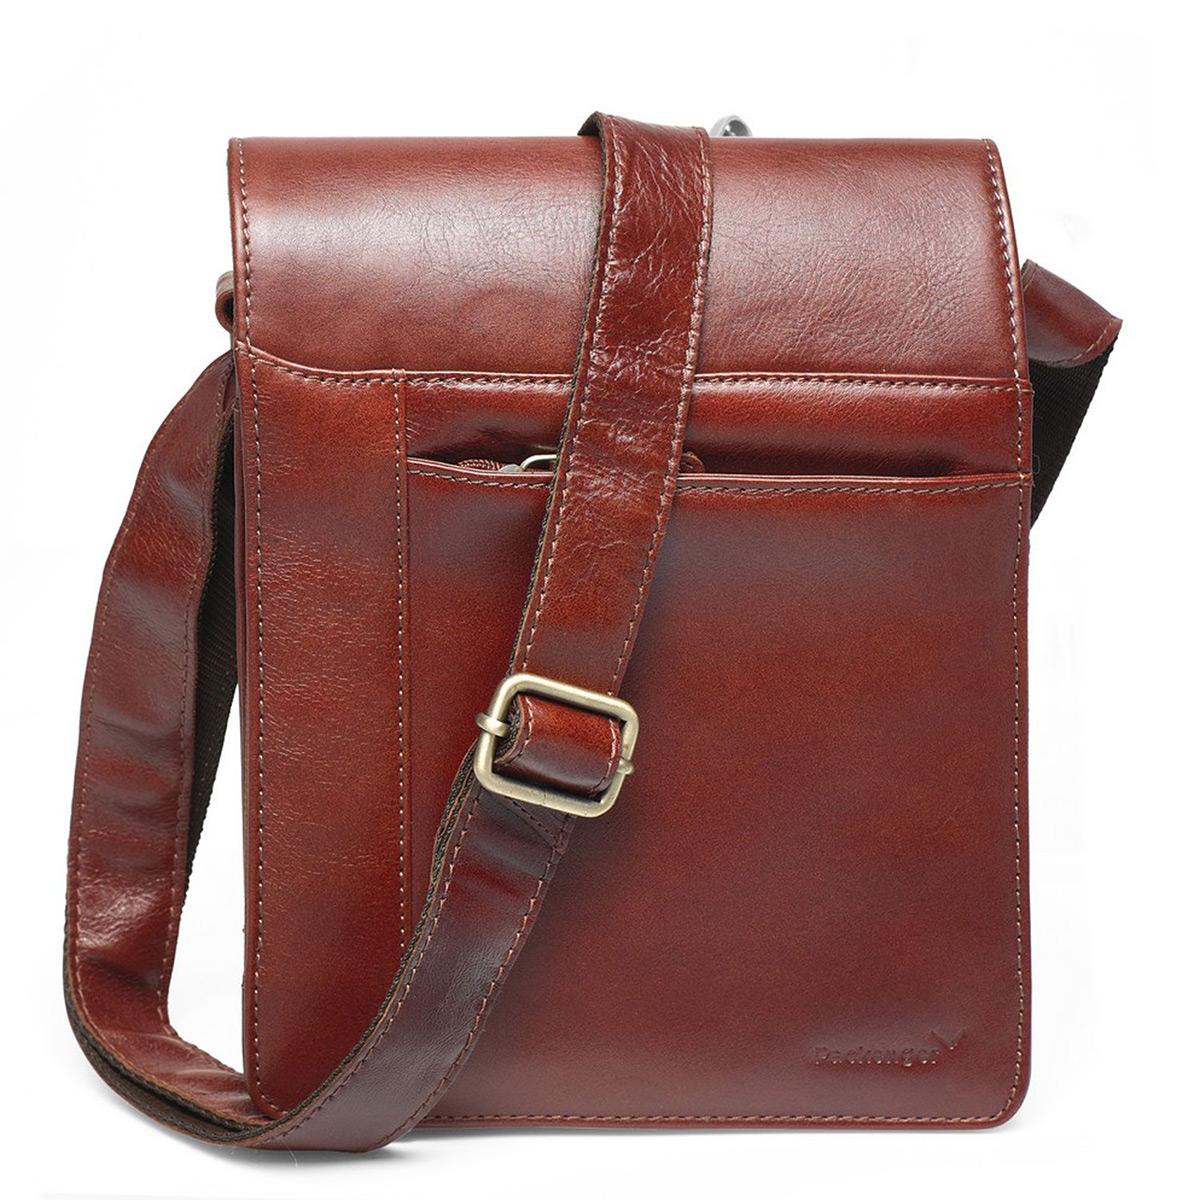 IPad - Tasche Olaf aus Vollrindleder von Packenger